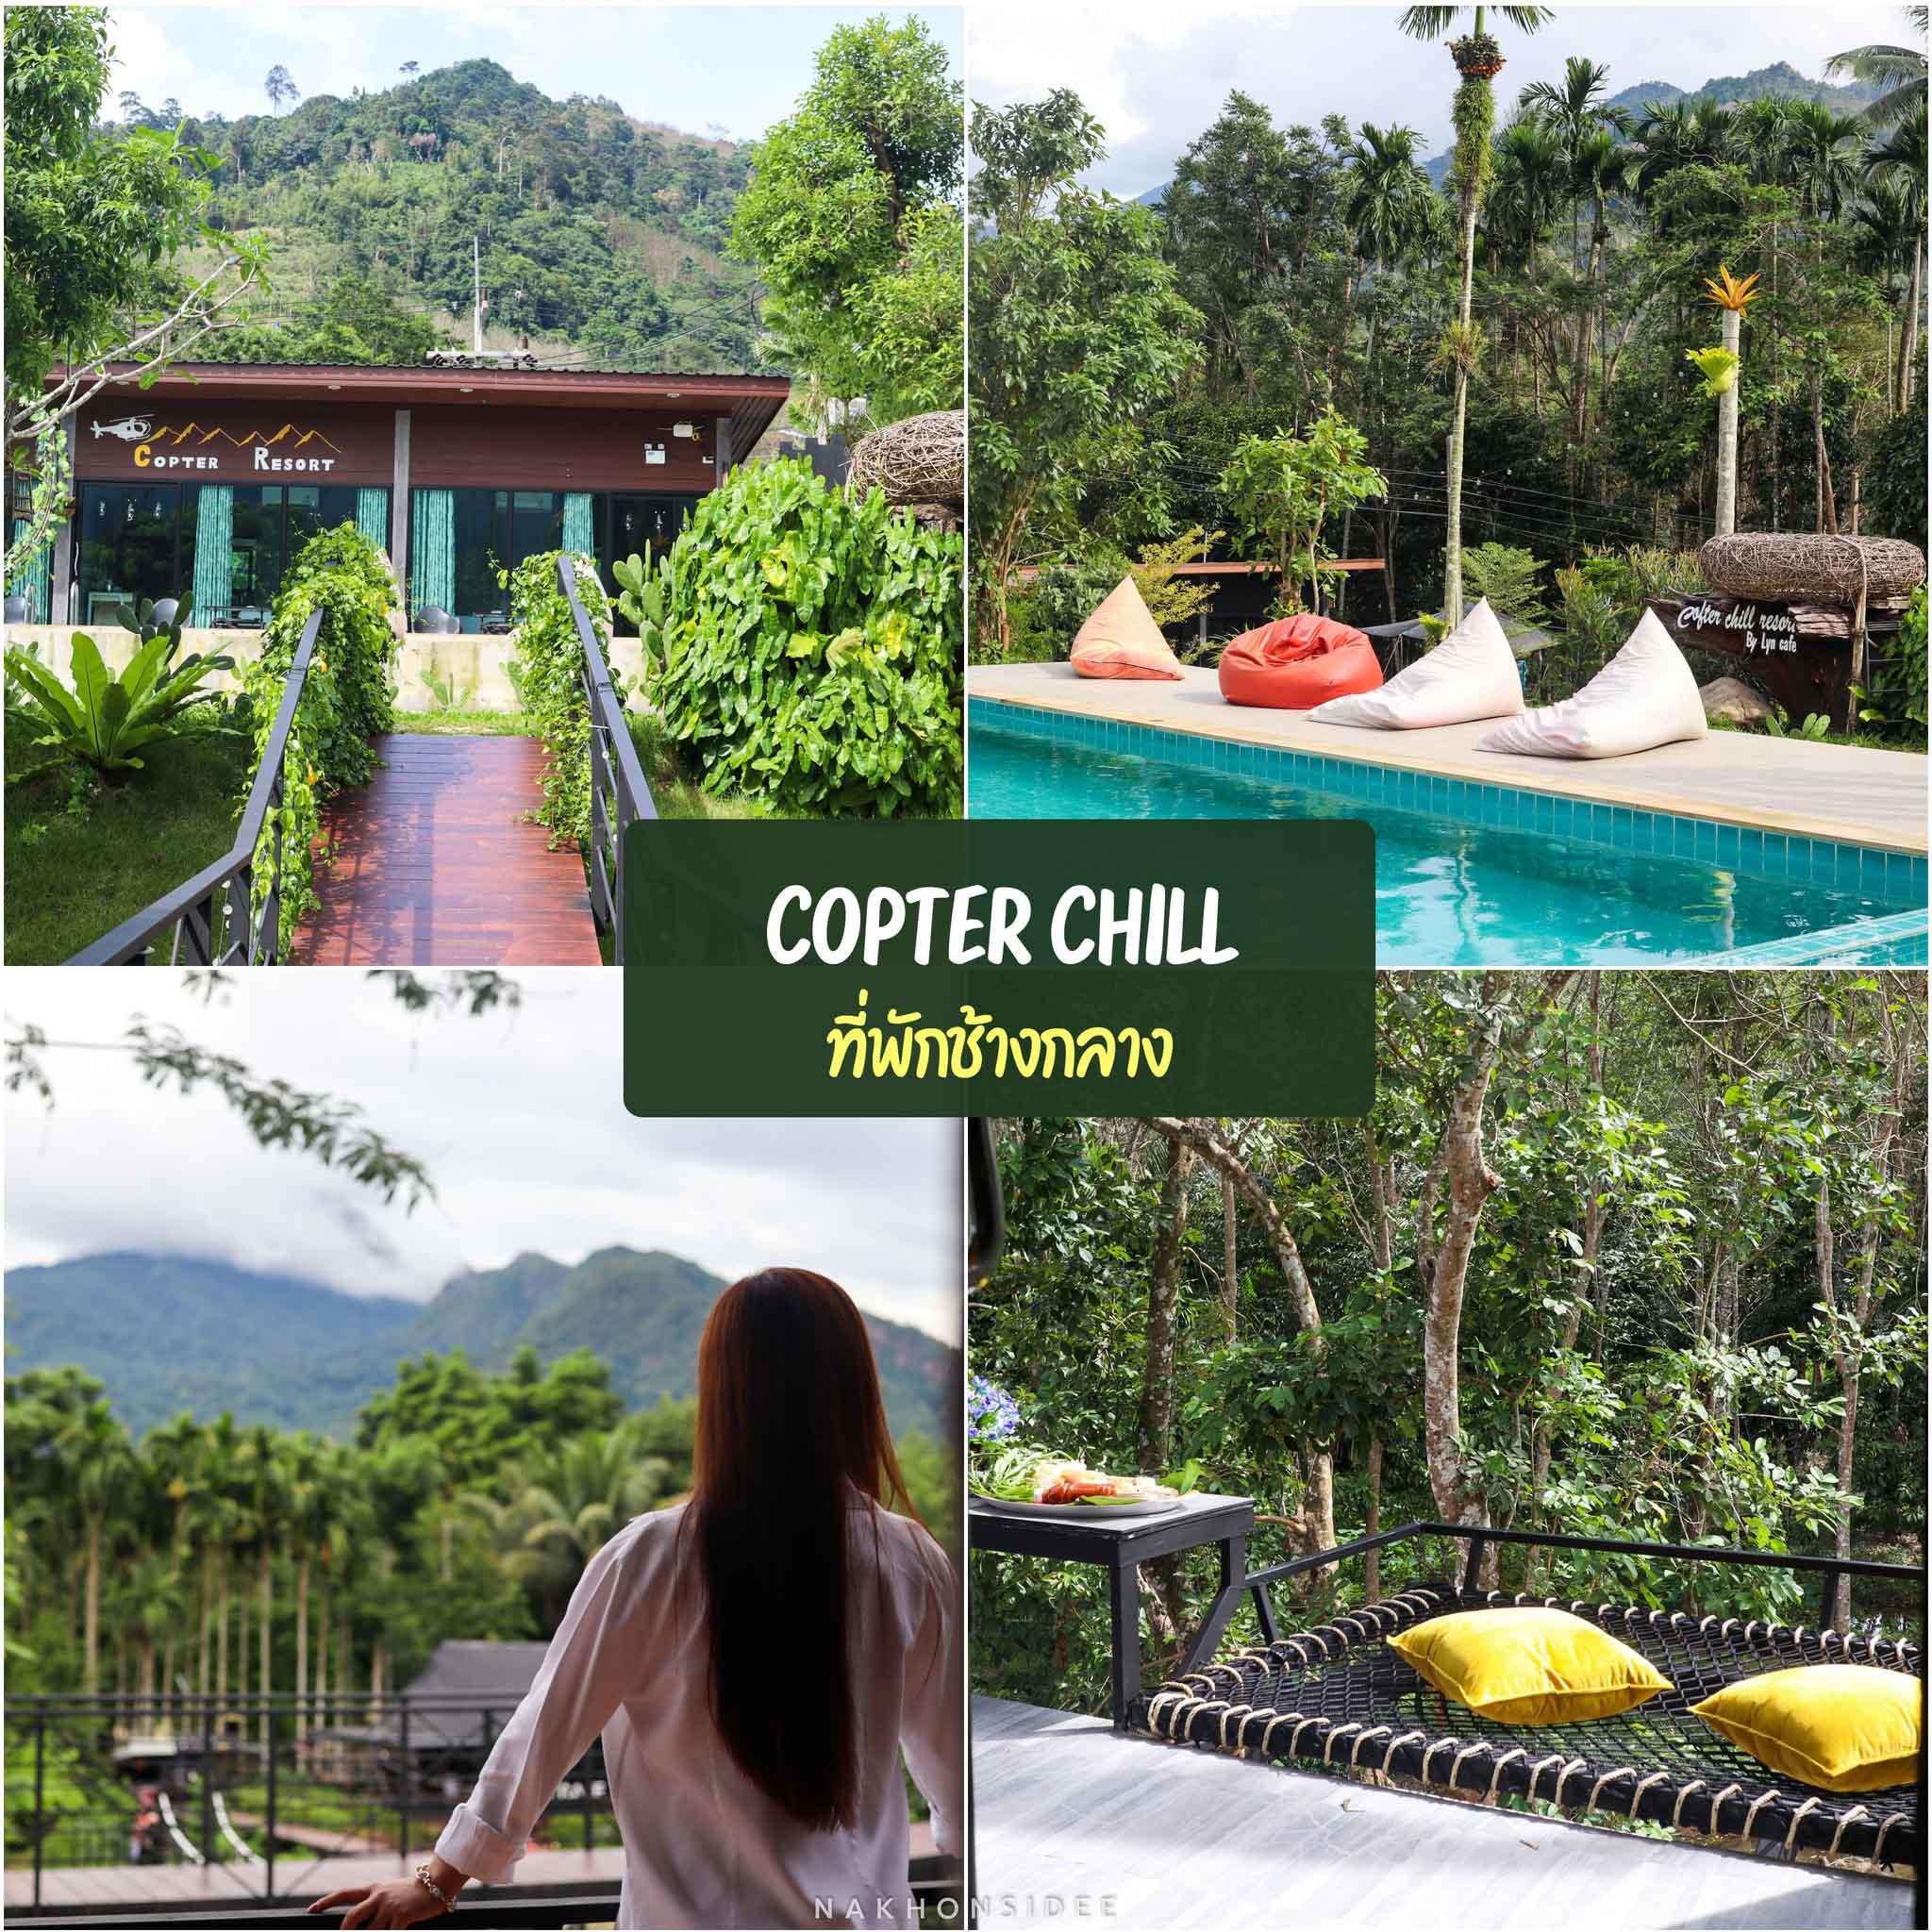 Copter-Chill-Resort-คอปเตอร์ชิลล์รีสอร์ท ที่นี่ชื่อว่า-Copter-Chill-Resort-ตอนนี้มีห้องพัก-Type-ใหม่ล่าสุดเพิ่งเปิดกันสดๆร้อนๆไม่ถึงอาทิตย์-บอกเลยว่าเด็ด-นั่นก็คือห้องพักสไตล์อ่างจากุชชี่ใหญ่ๆ-ตีโฟมอัตโนมัติ-จิบเครื่องดื่มชิวๆสบายๆ-มีตาข่ายส่วนตัว-มีเตาหมูกะทะไฟฟ้าให้เรียบร้อย-บอกเลยครบทุกอย่าง-10/10-ในส่วนของบรรยากาศแอดให้เต็มจริงๆ-เพราะช้างกลาง-ลานสกา-อากาศดีที่สุดในประเทศอยู่แล้ว-ด้วยอากาศบริสุทธิ์ทำให้มาชาร์จแบตพักผ่อนกันได้อย่างเต็มที่-เหมาะทั้งกับคู่รัก-ครอบครัว-กลุ่มเพื่อน-ก็มากันได้-ห้องพักมีหลาย-Type-หลายสไตล์-มีสระว่ายน้ำ-รองรับกรุ๊ป-จัดเลี้ยง-จัดปาร์ตี้ริมสระได้เลยครับถ้าเหมาห้องริมสระ-จัดเลยว่าเด็ด-มาที่นี่ได้ครบทุกอย่าง-ด้านล่างที่พักเป็นลำธารสวยๆด้วยน้าาา-บอกเลยดีย์ต่อใจ-ไปแล้วก็ไปซ้ำ-แอดไปมาเกือบ-10-รอบแว้วววชอบจริง-เอ้ออ-หมูกะทะน้ำจิ้มอร่อยมวากก-บอกเลยแอดสายกิน-วิวหลักล้านนี่ของแถมหรอก-5555 ที่พัก,คีรีวง,ลานสกา,นครศรีธรรมราช,วิวหลักล้าน,อาหารอร่อยๆ